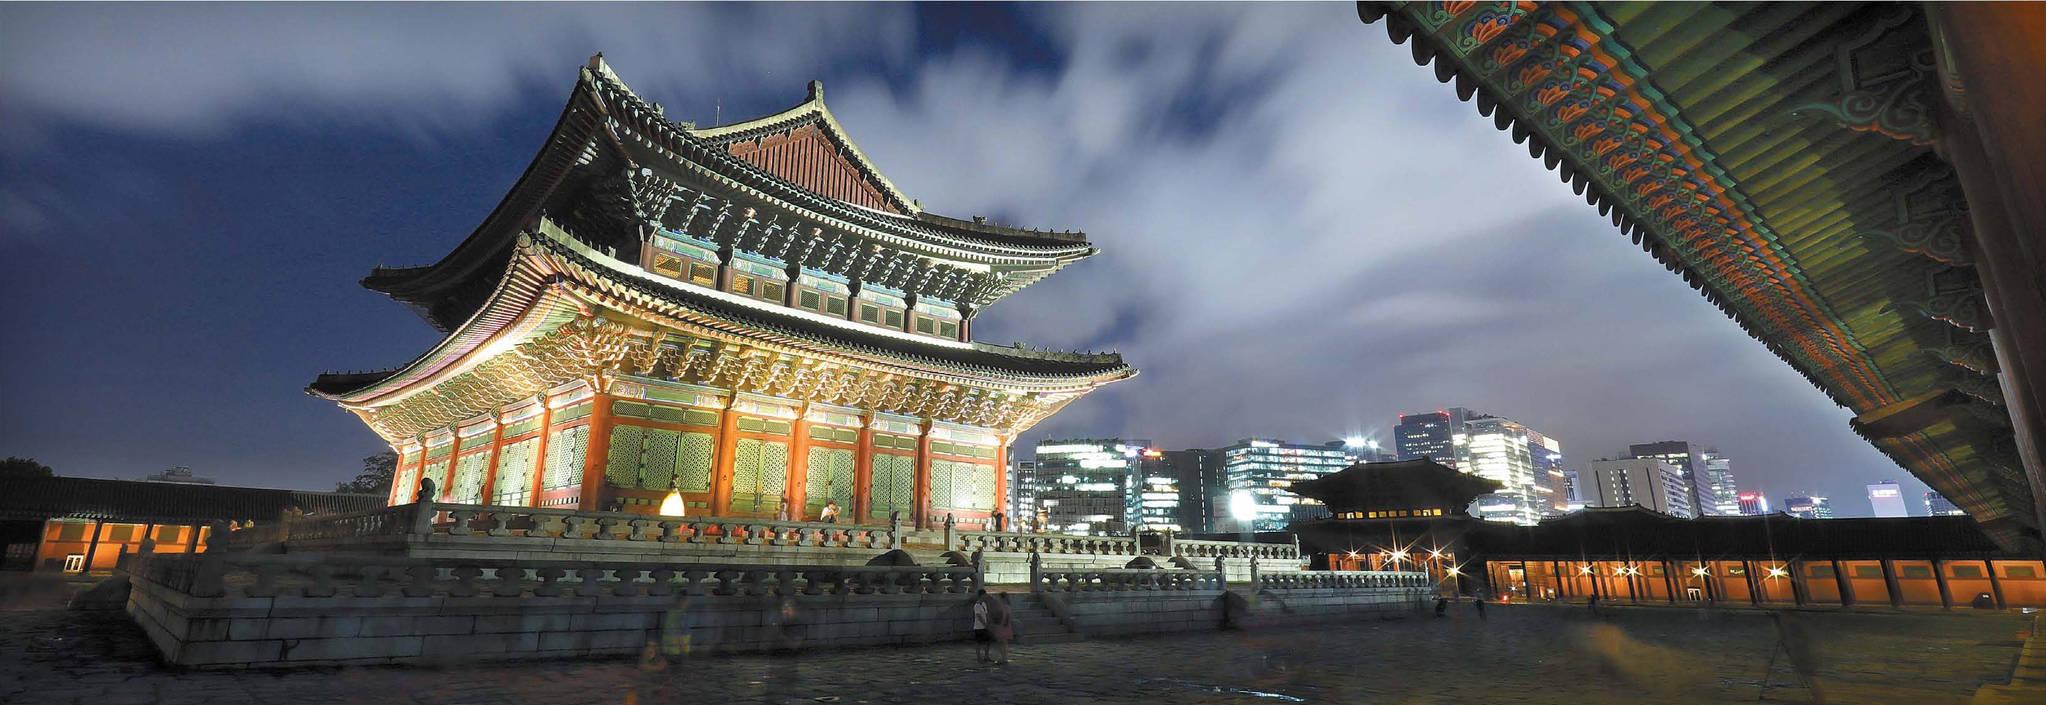 경복궁 근정전과 서울 도심의 모습